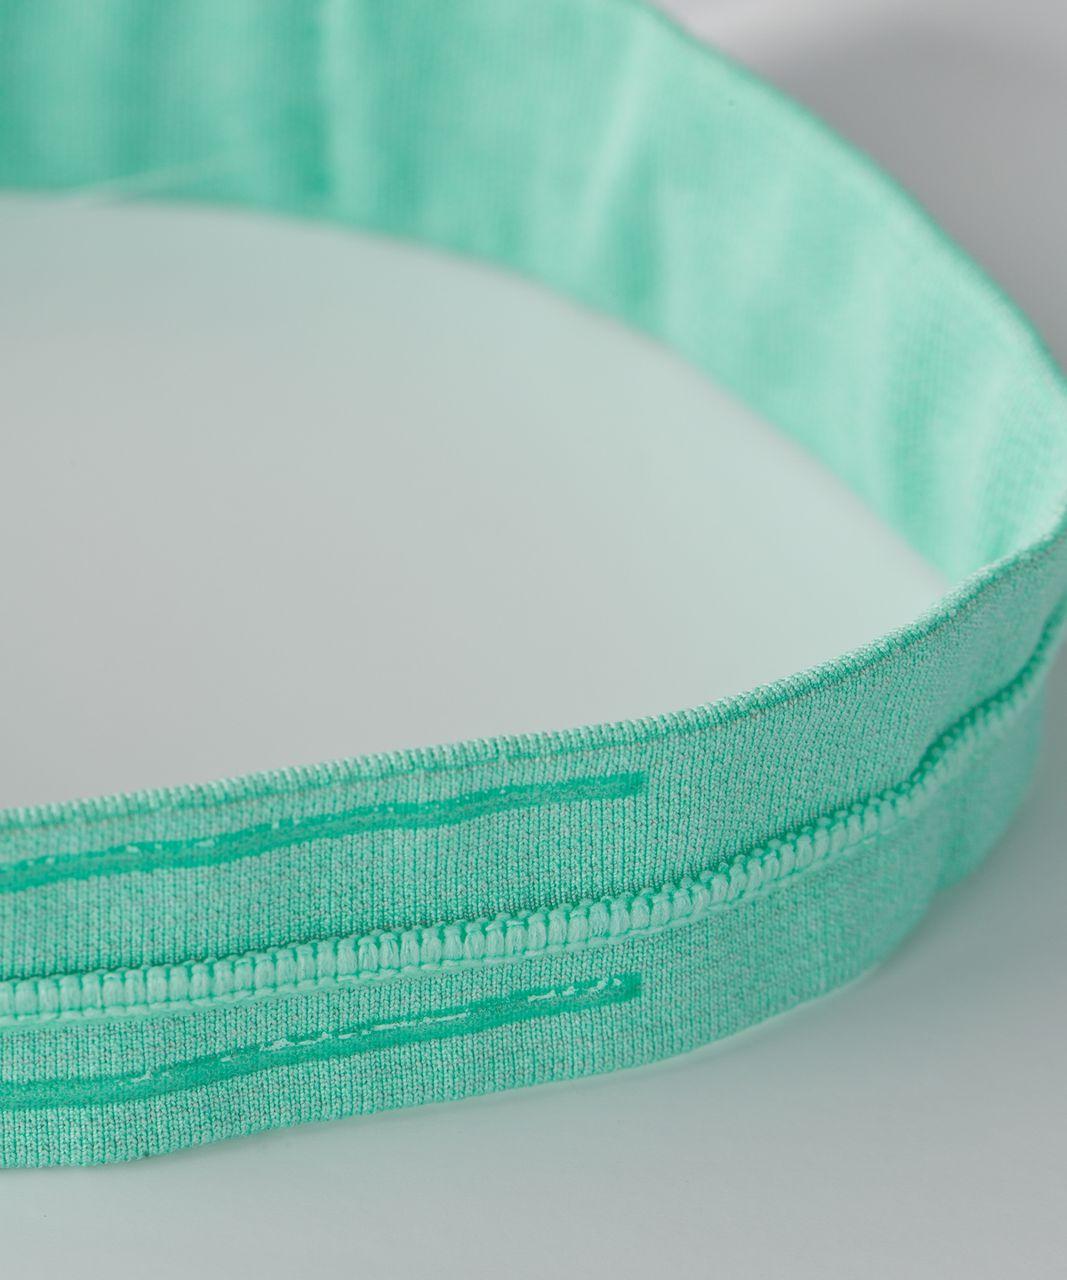 Lululemon Cardio Cross Trainer Headband - Heathered Menthol